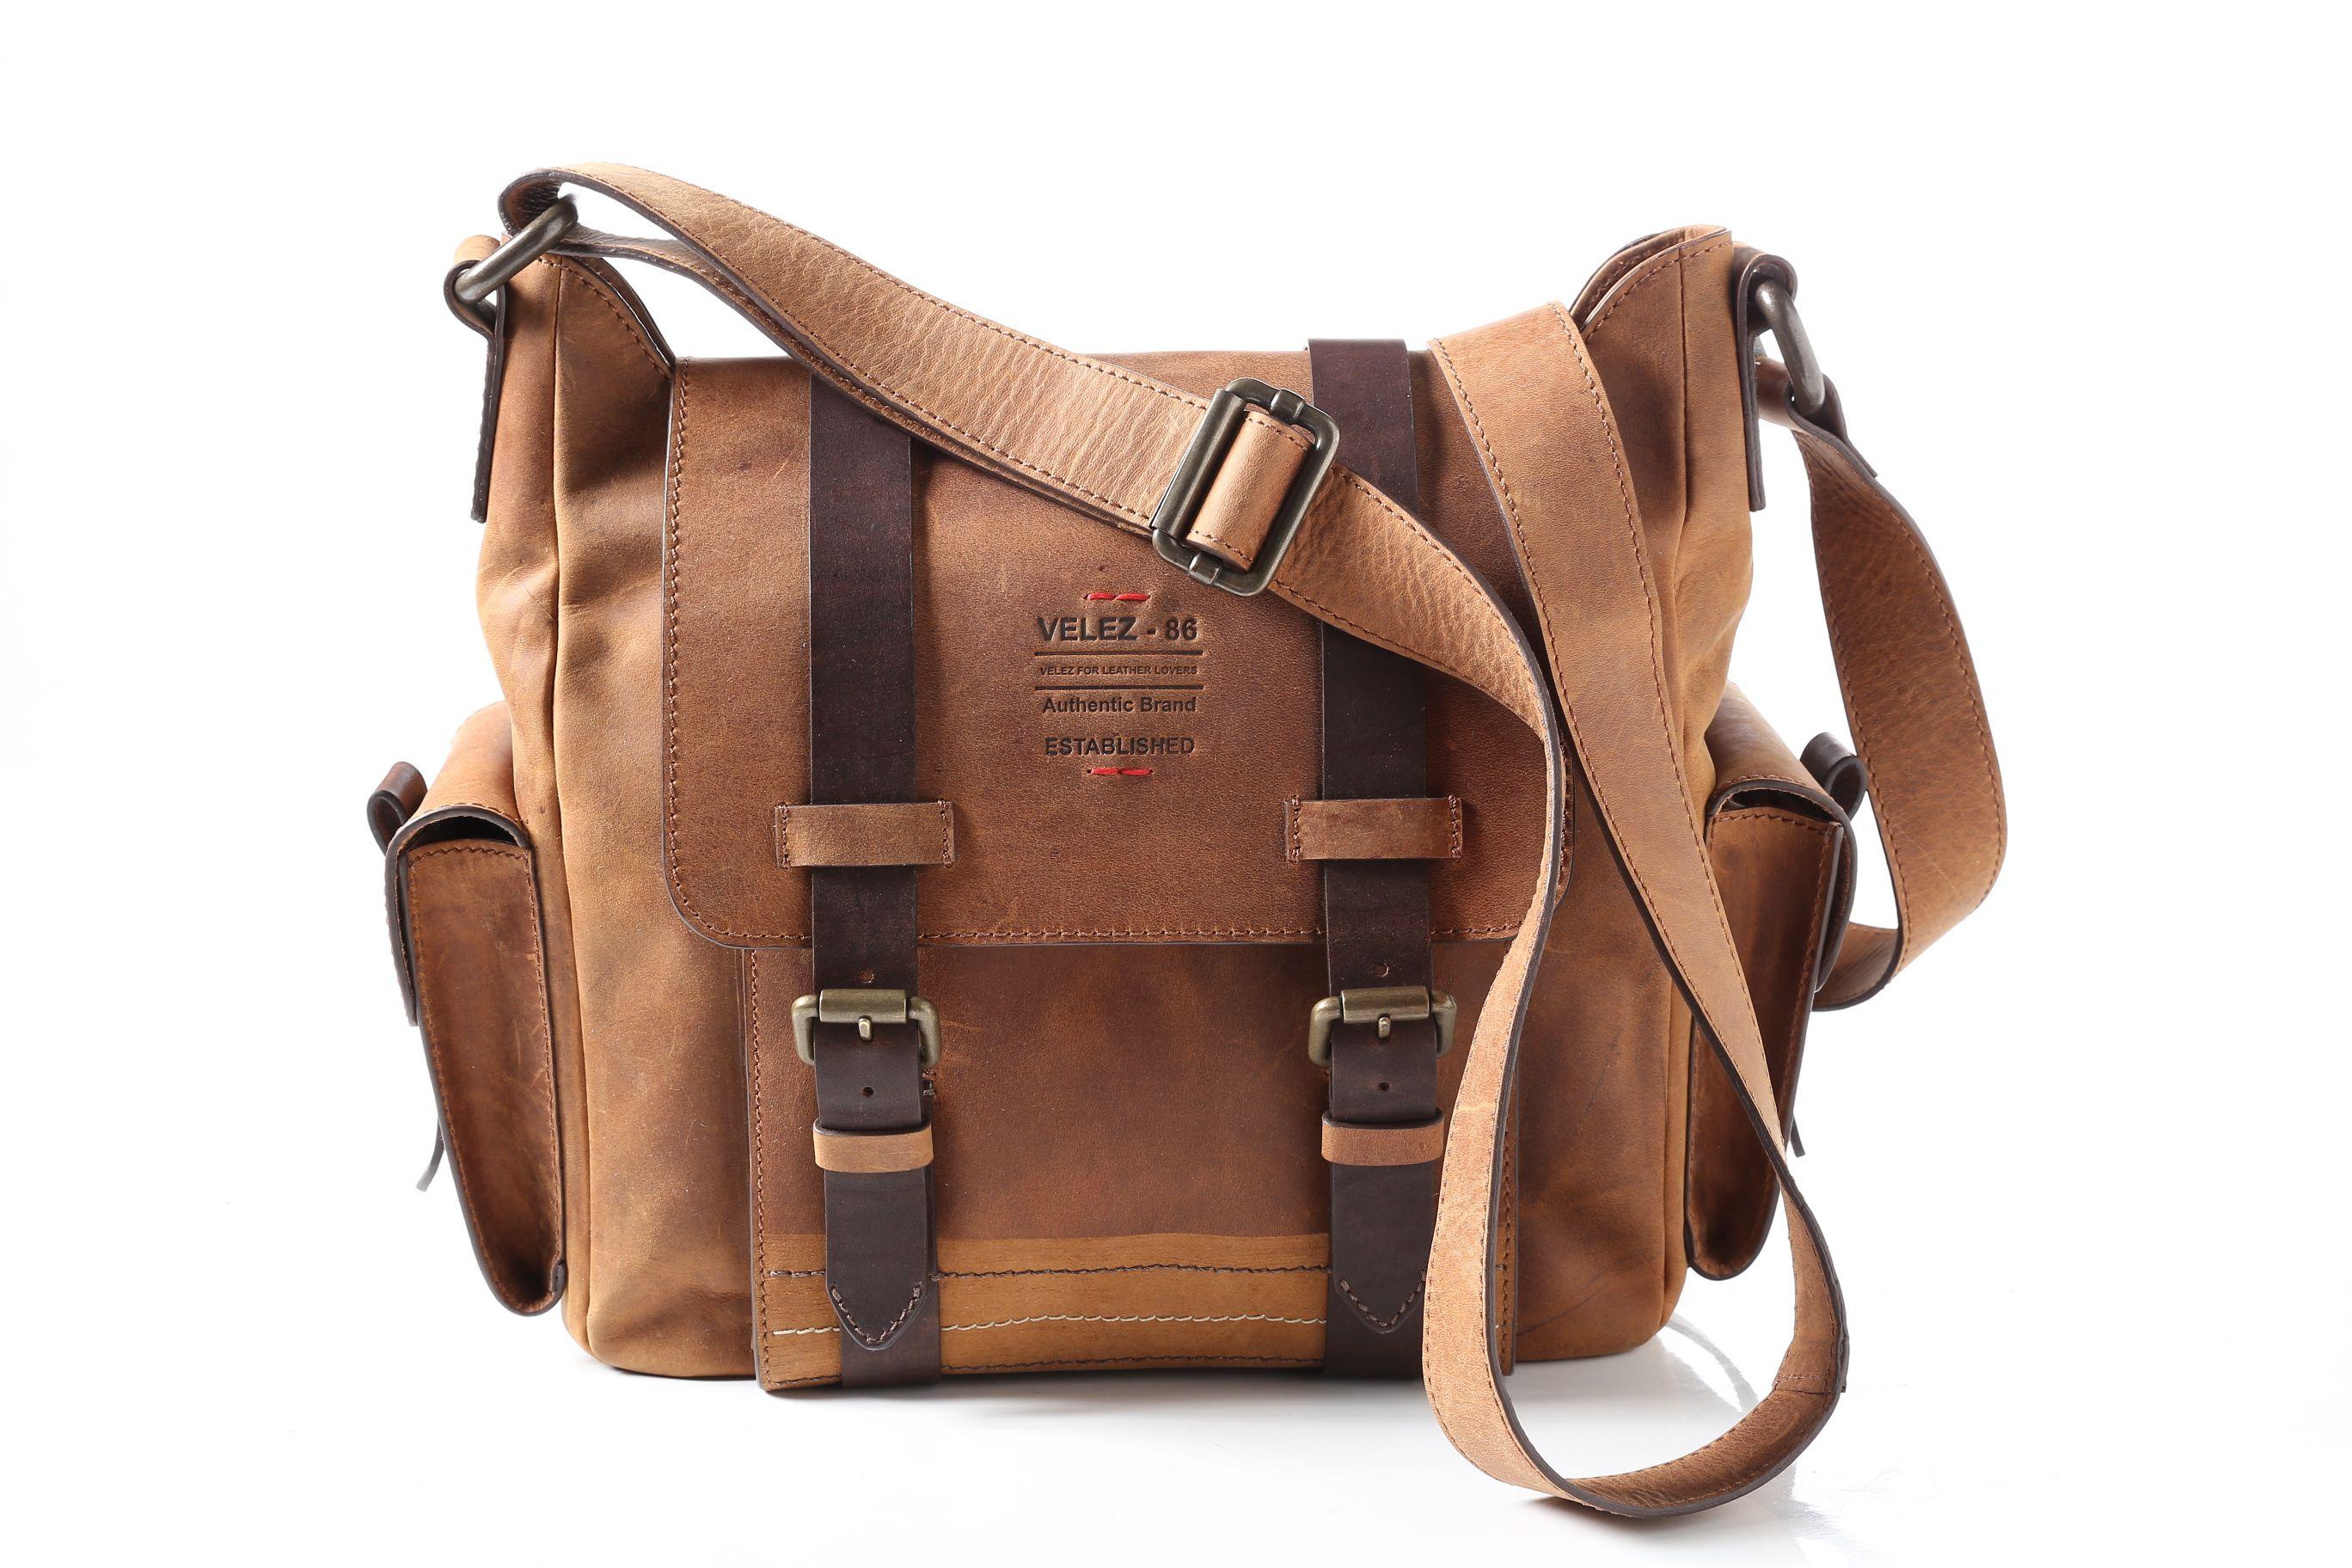 Descubre aquí todos los estilos de morrales y bolsos para hombres que  tenemos. Manos libres, maletines, morrales y más a un clic. Cuero original.